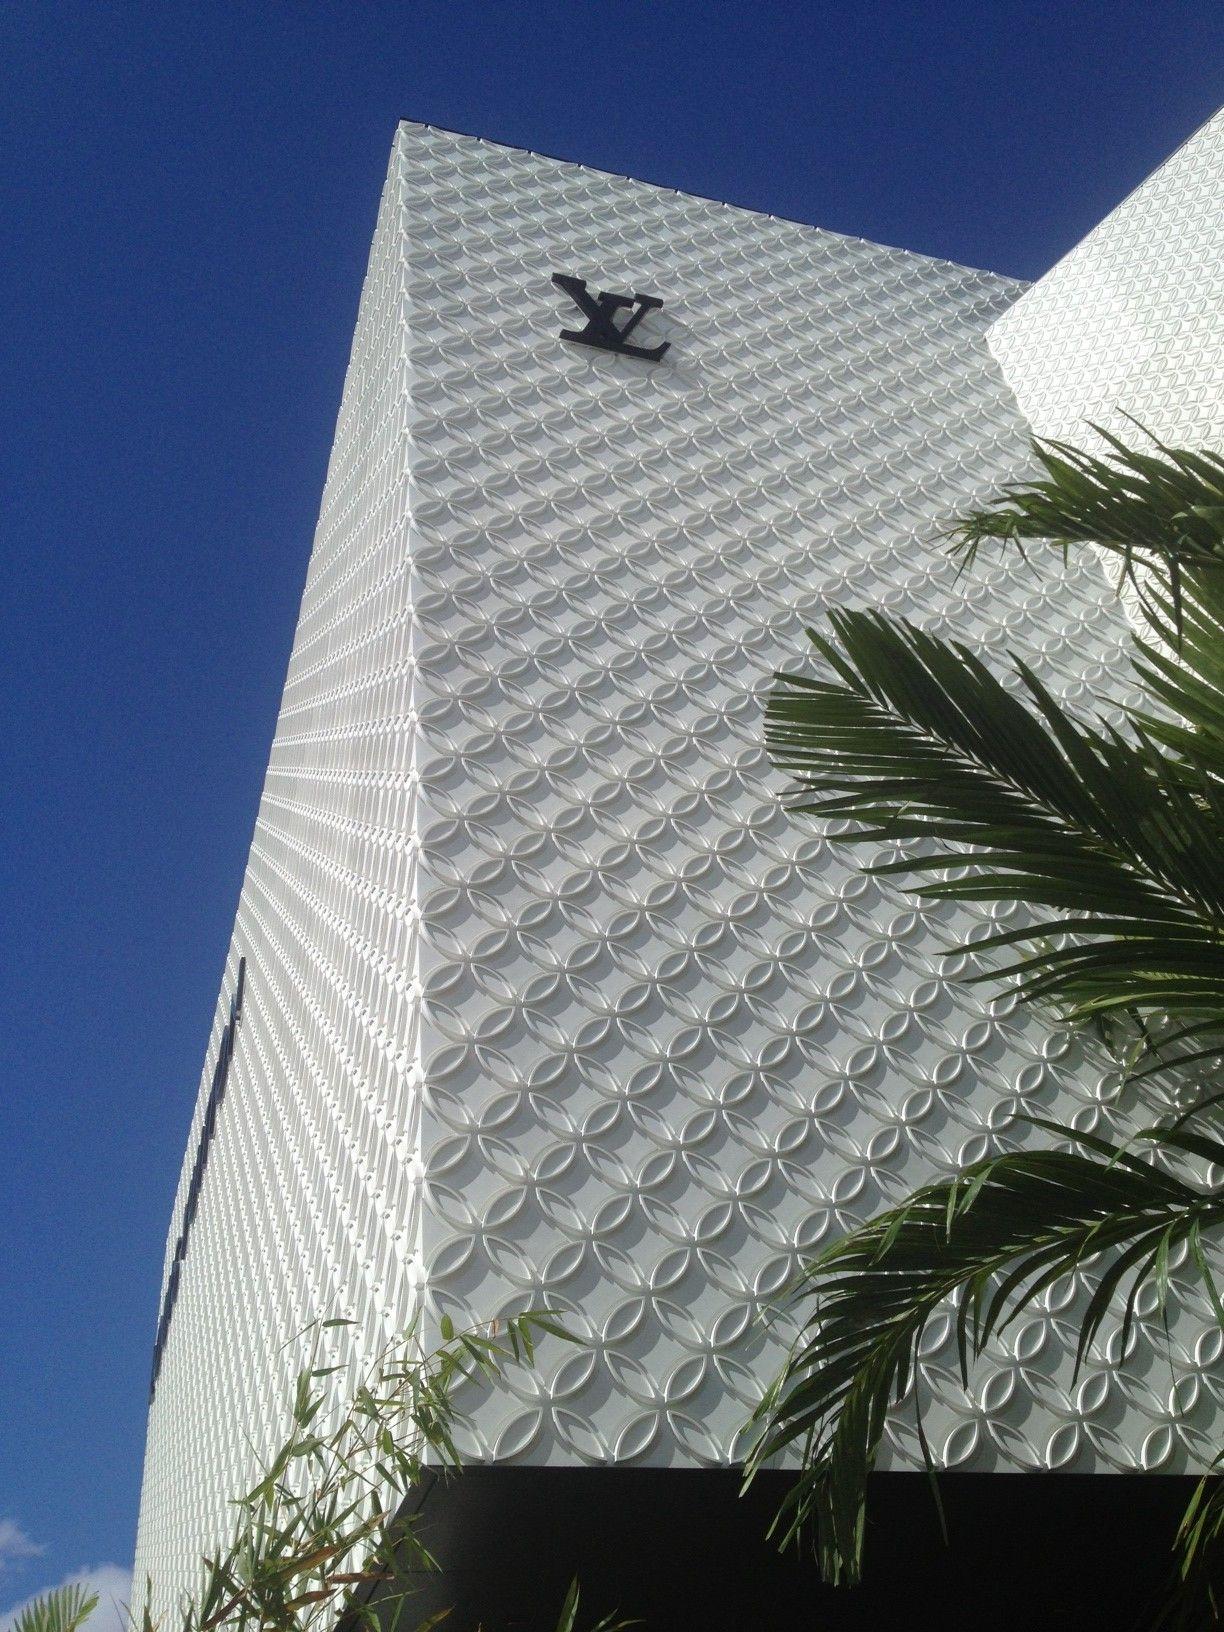 louis vuitton store s florida ductal concrete panels by. Black Bedroom Furniture Sets. Home Design Ideas